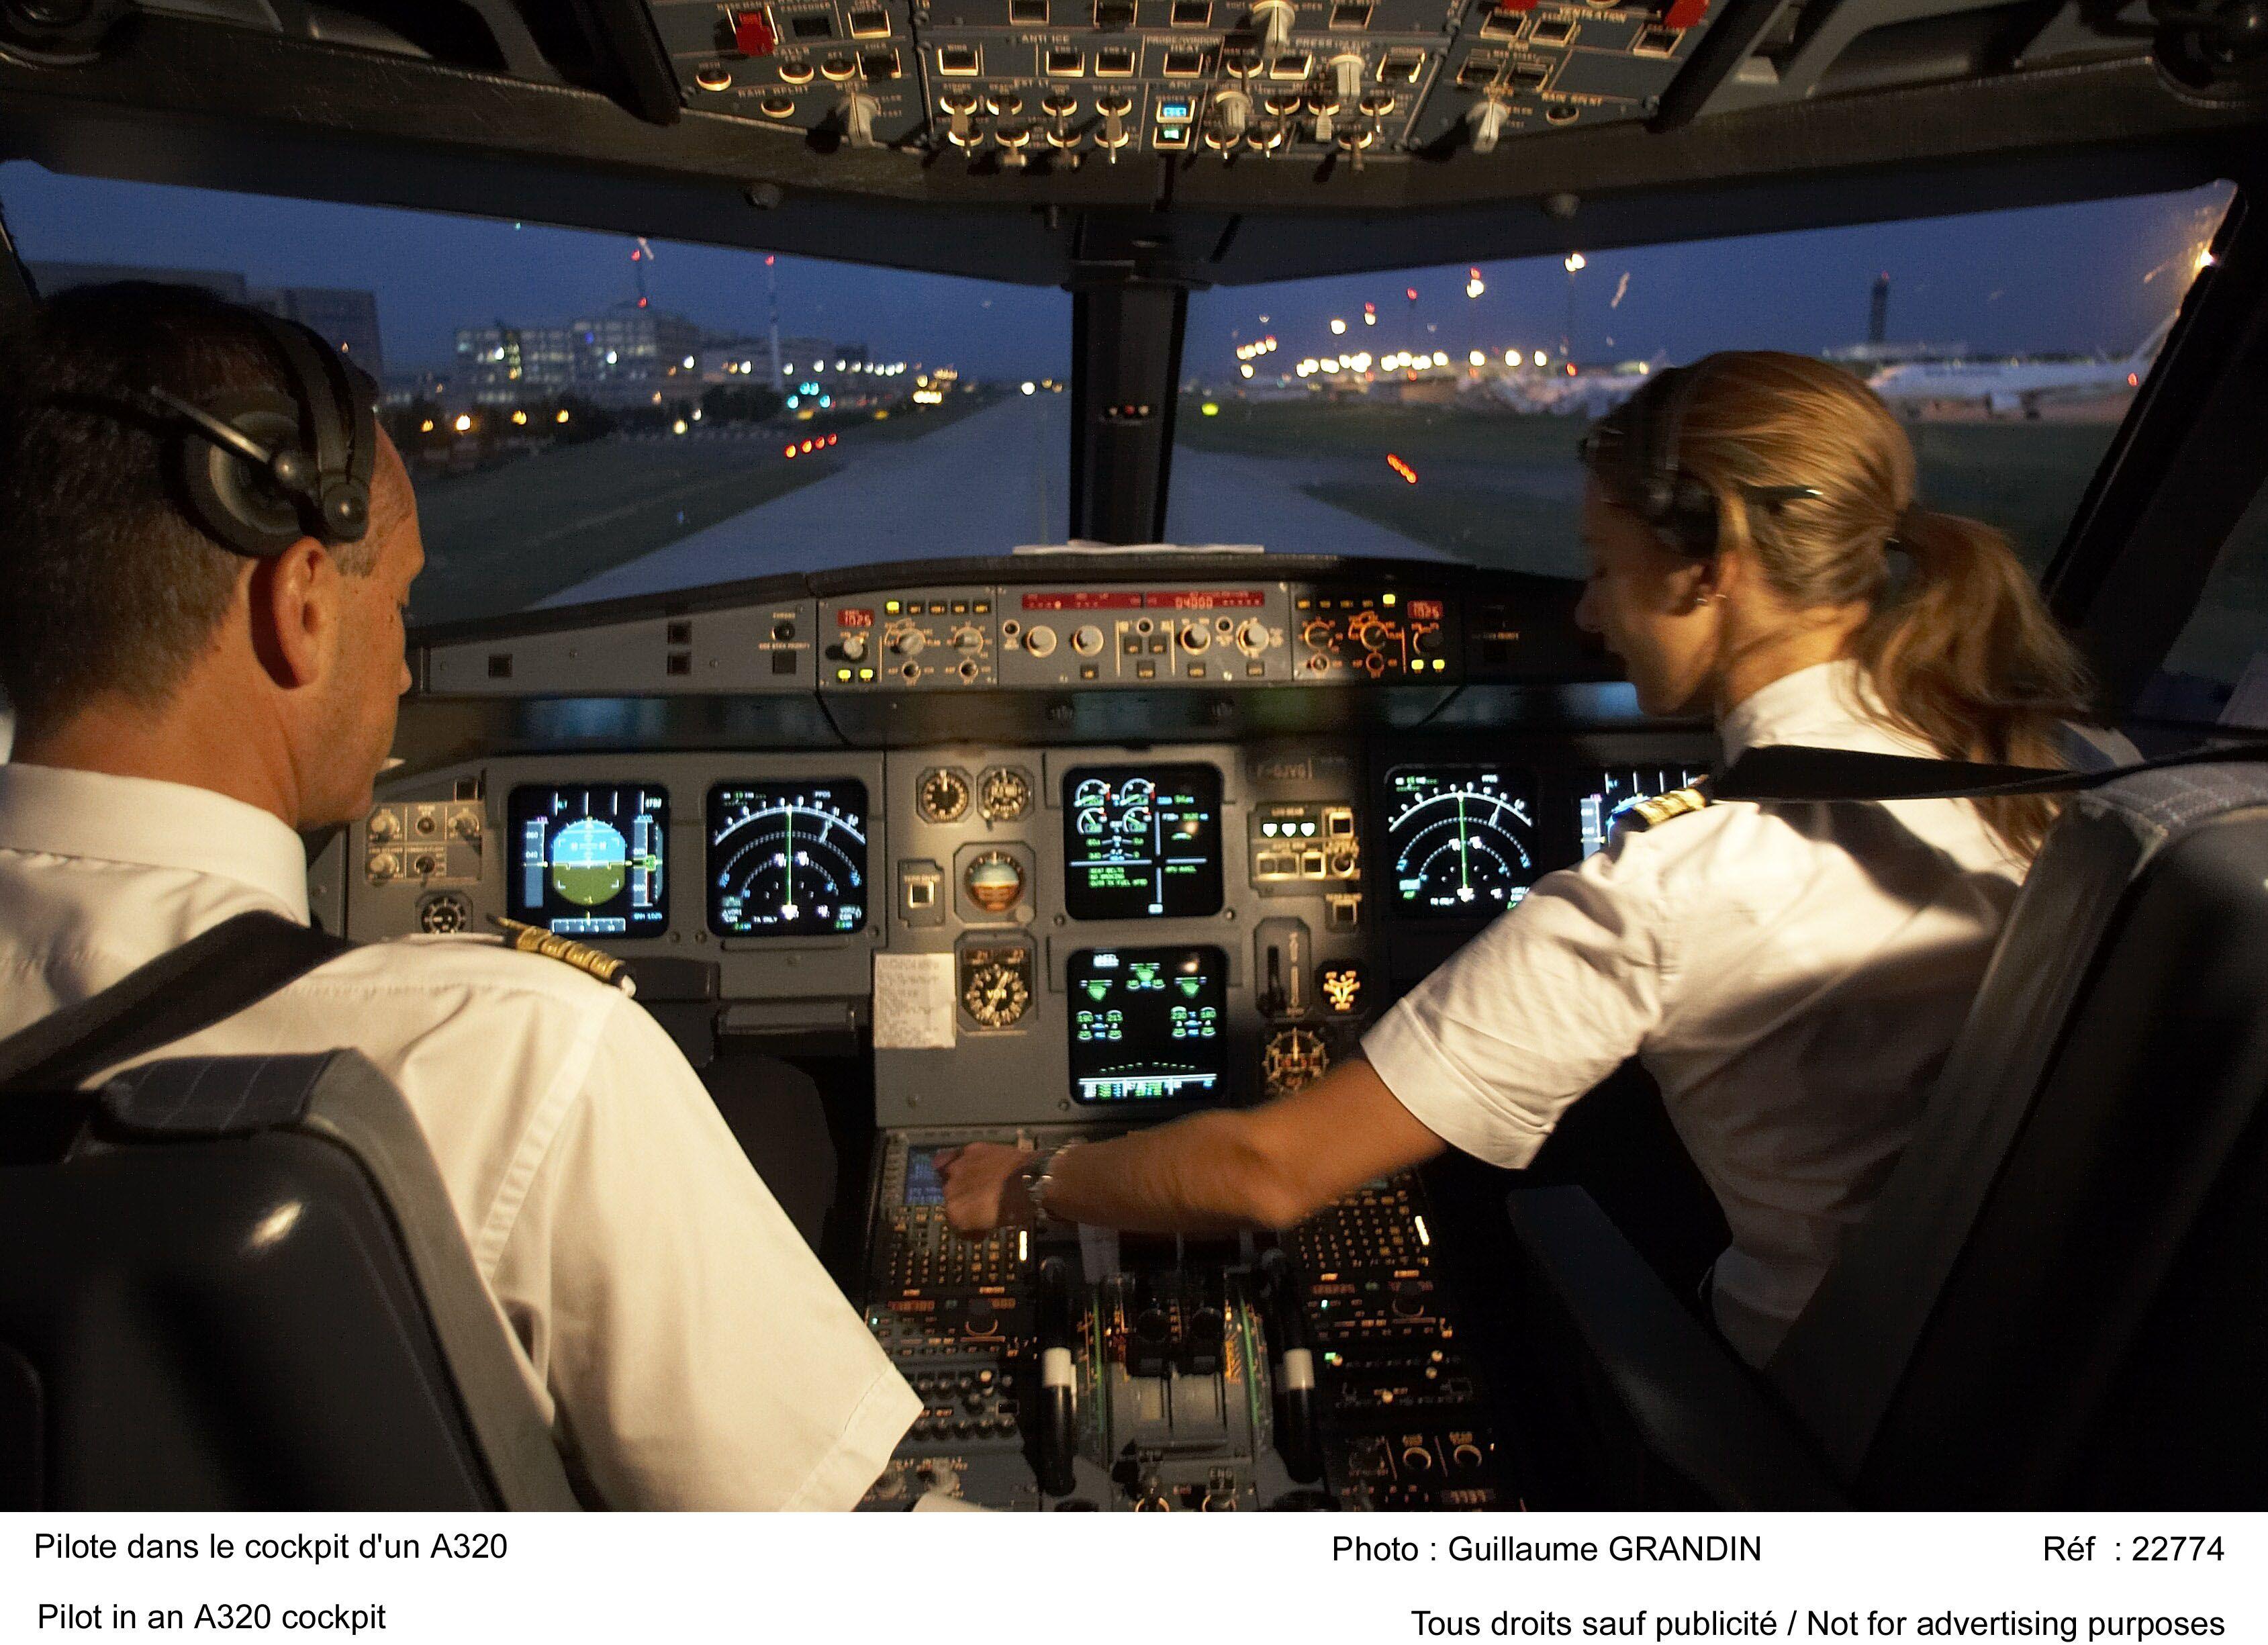 Pilote dans le cockpit d'un A320 Cockpits Pinterest